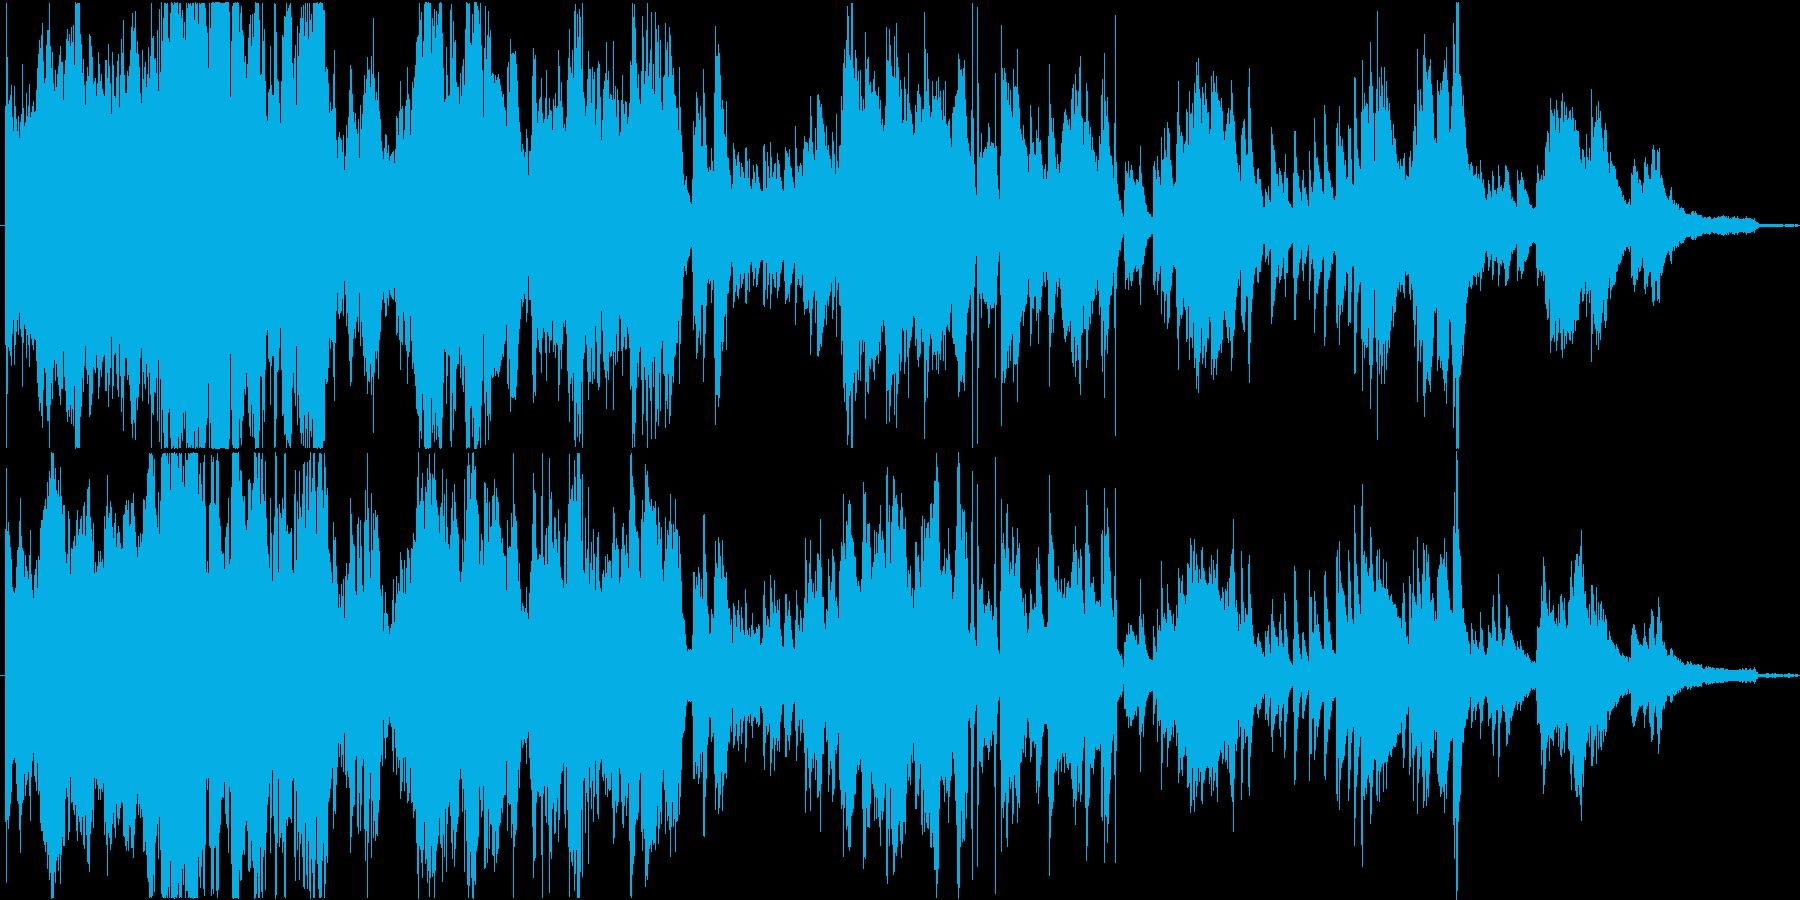 混沌の中に僅かな秩序のあるピアノ現代音楽の再生済みの波形